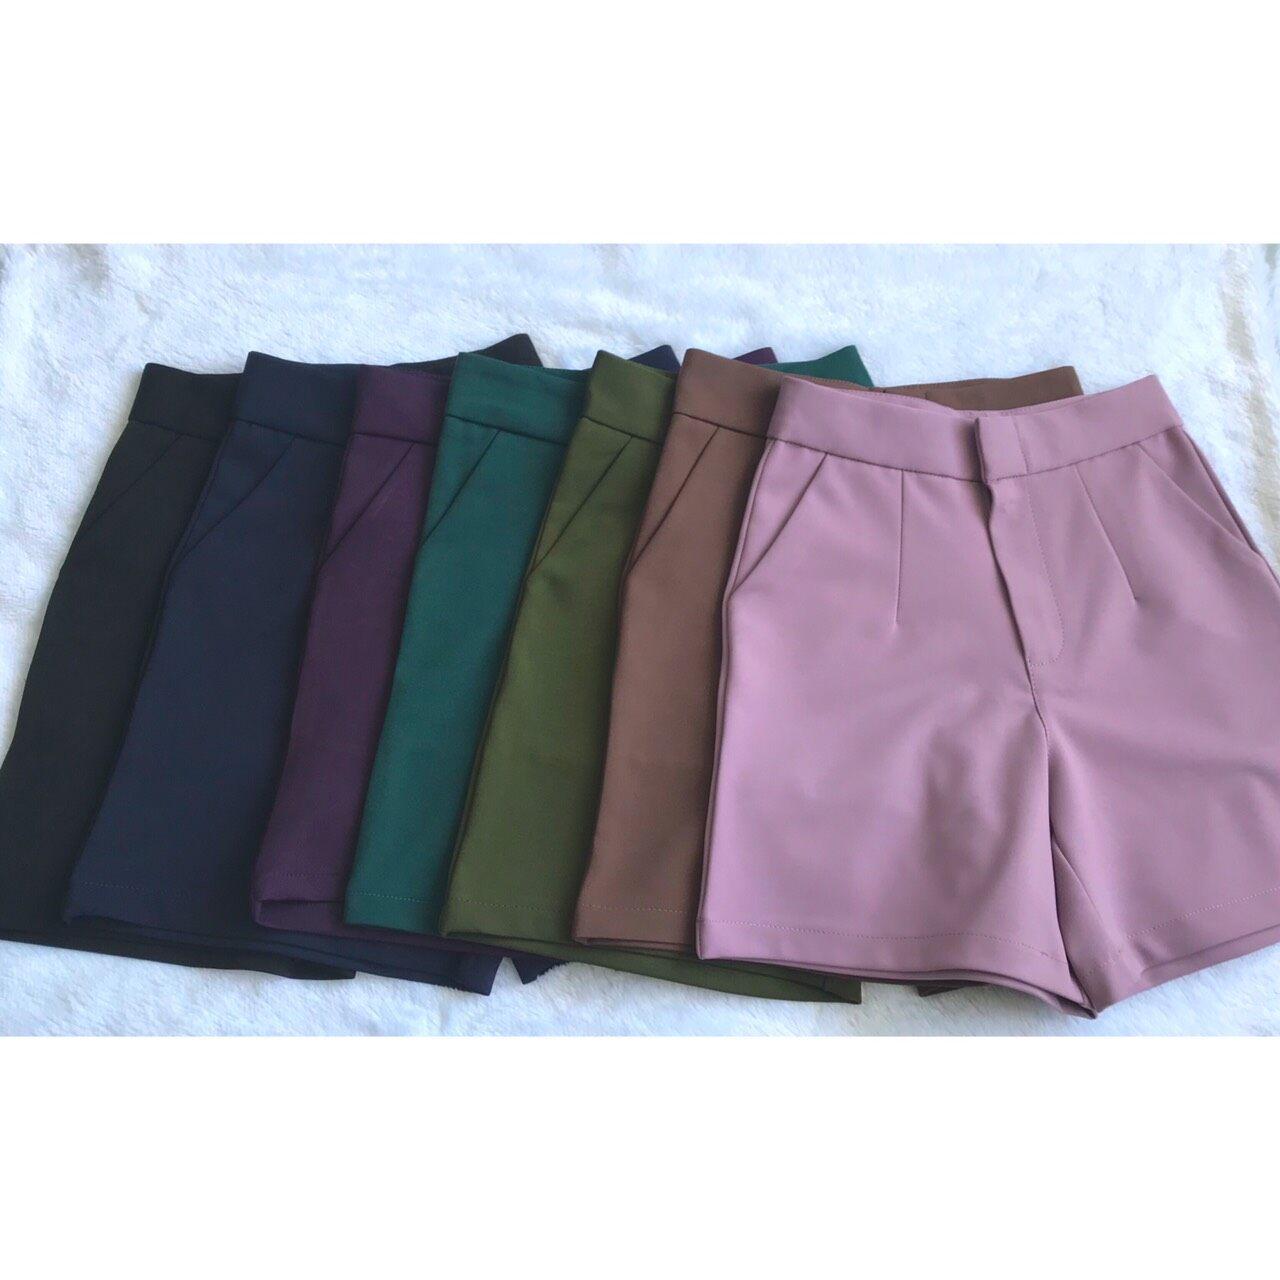 Ohoskirt กางเกงขาสั้น กางเกงซิปหน้า กางเกงผ้าโรเชฟ 004-82/004-83 / 004-84 /004-80 /004-87/004-88/004-85/004-81/004-86.